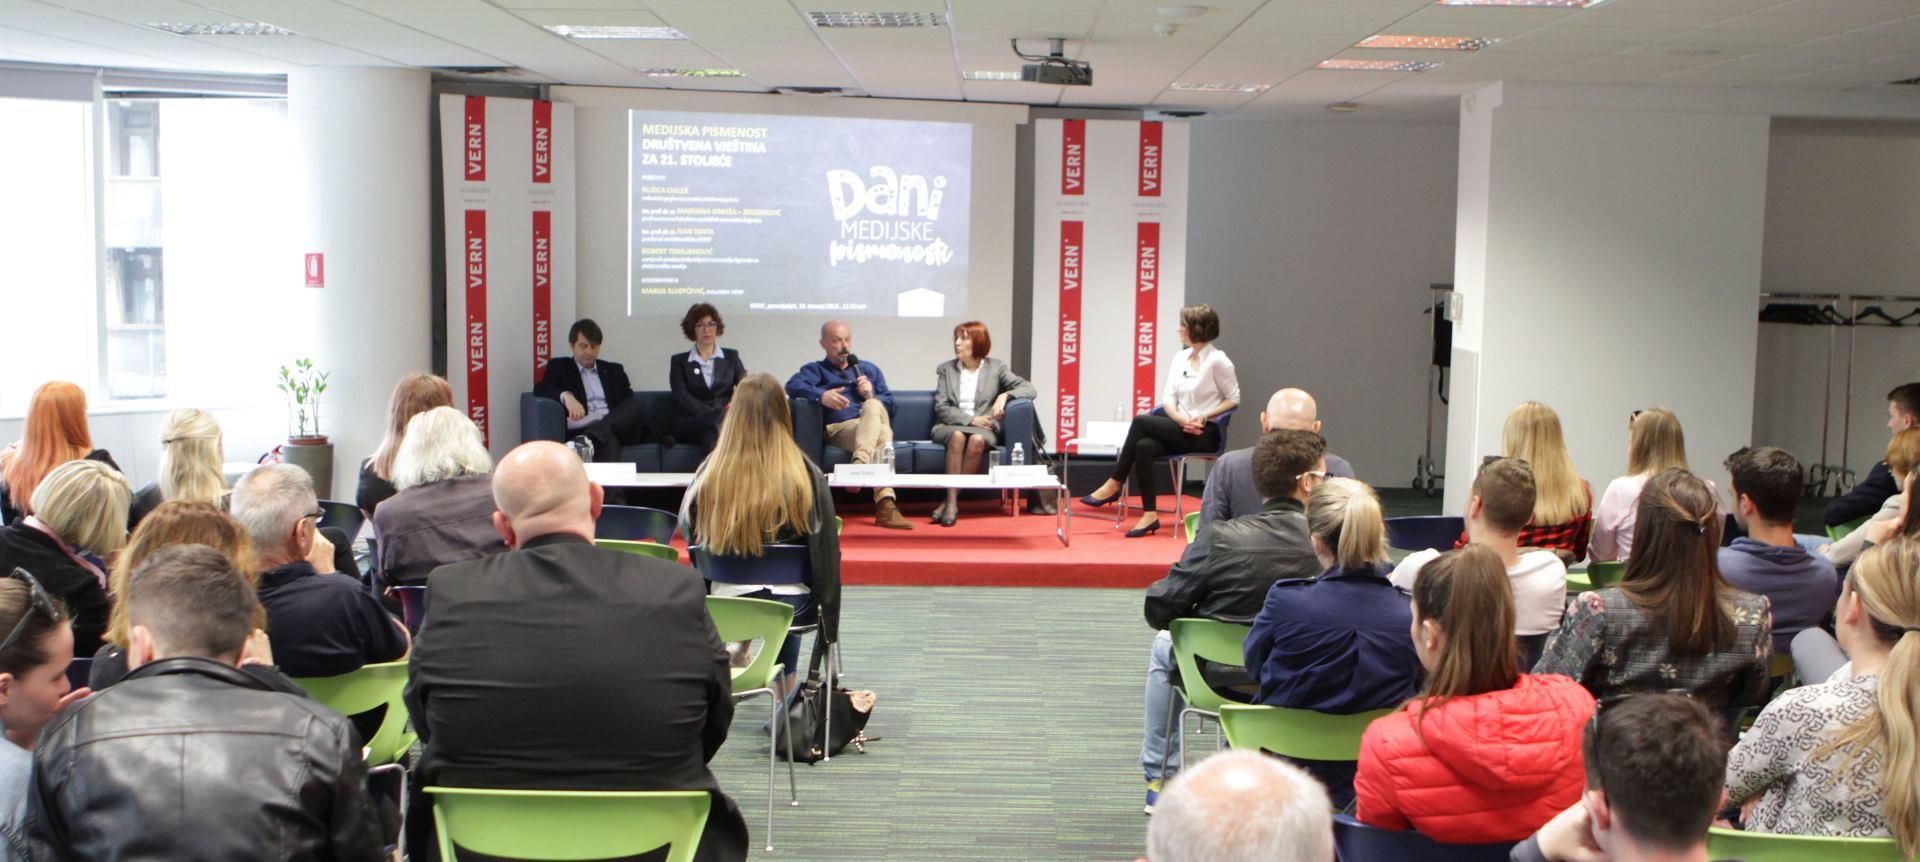 VERN' Održan panel 'Medijska pismenost – društvena vještina za 21. stoljeće'